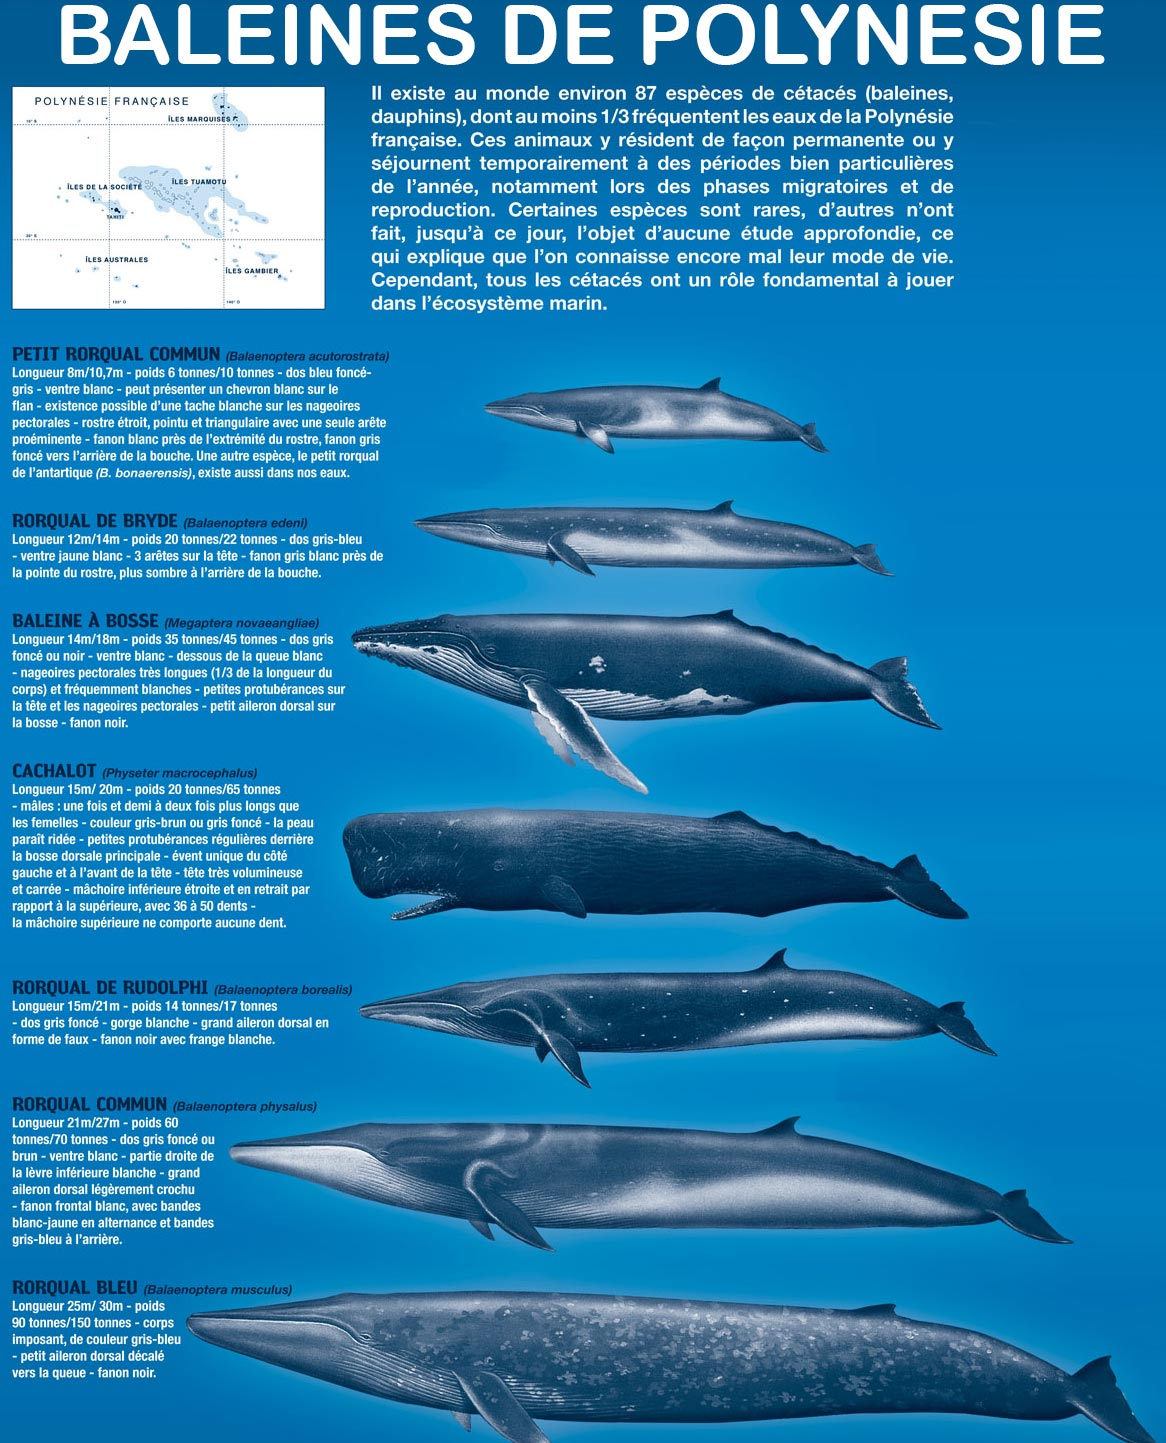 Baleines en Polynésie - les espèces